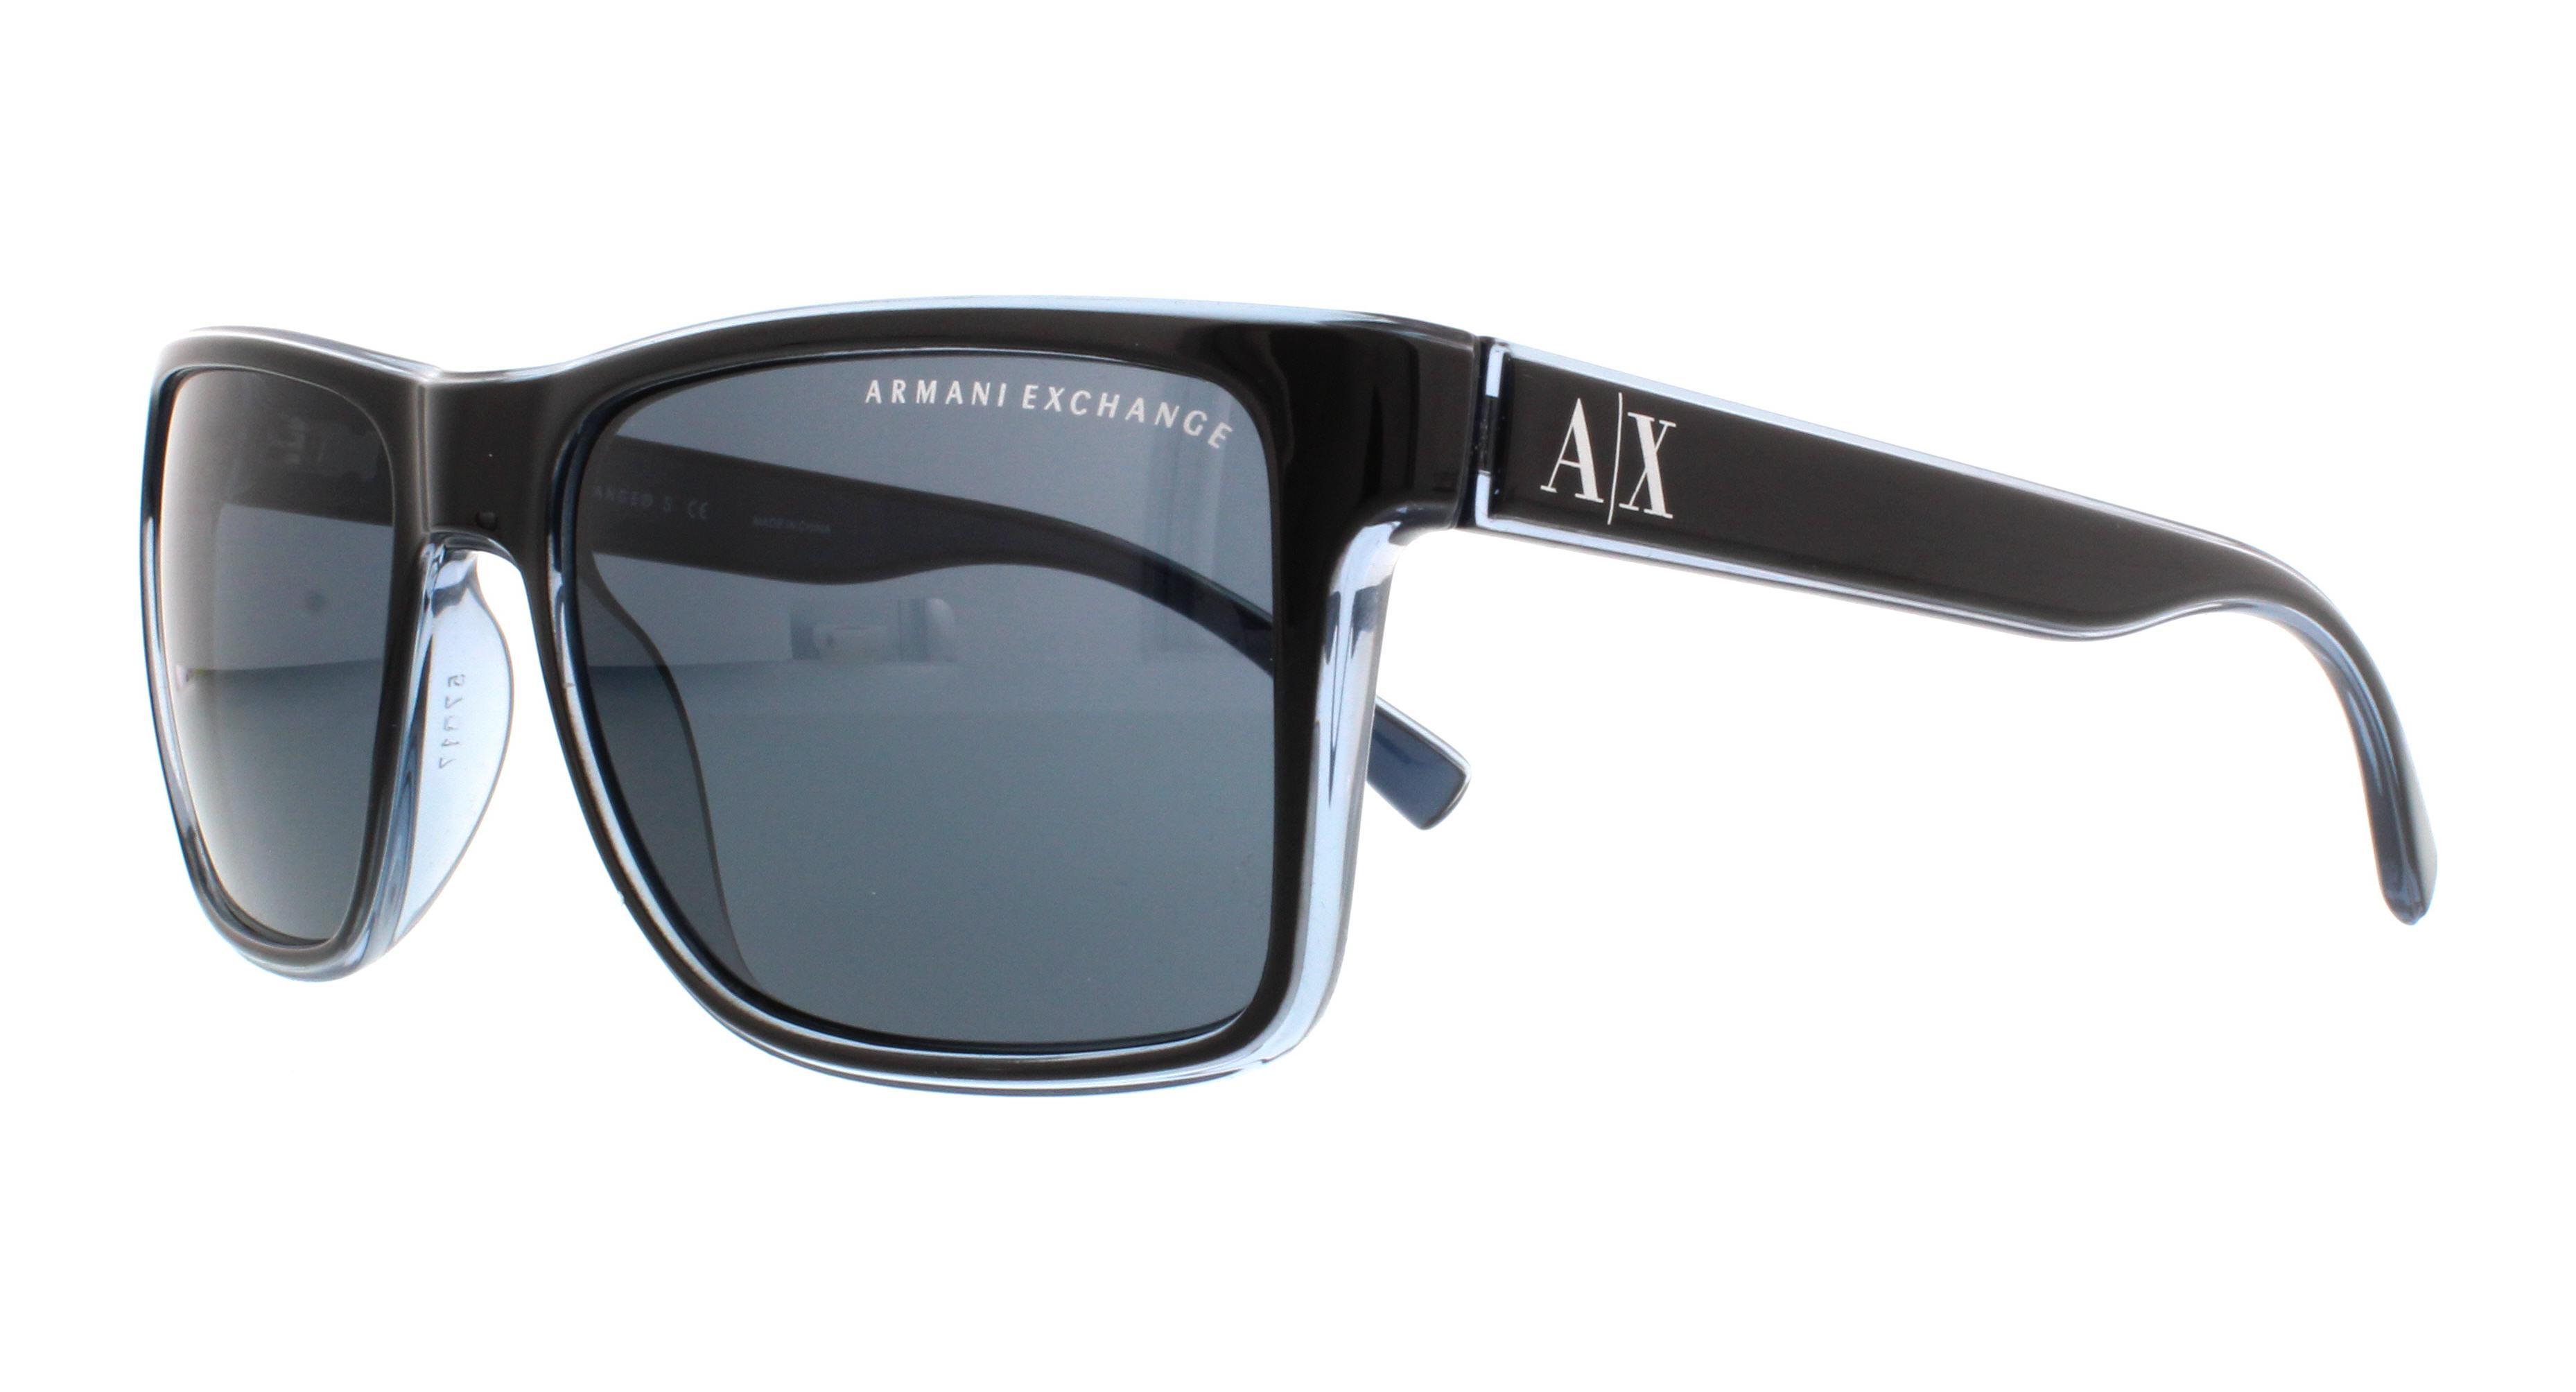 946cd2a186c Designer Frames Outlet. Armani Exchange AX4016